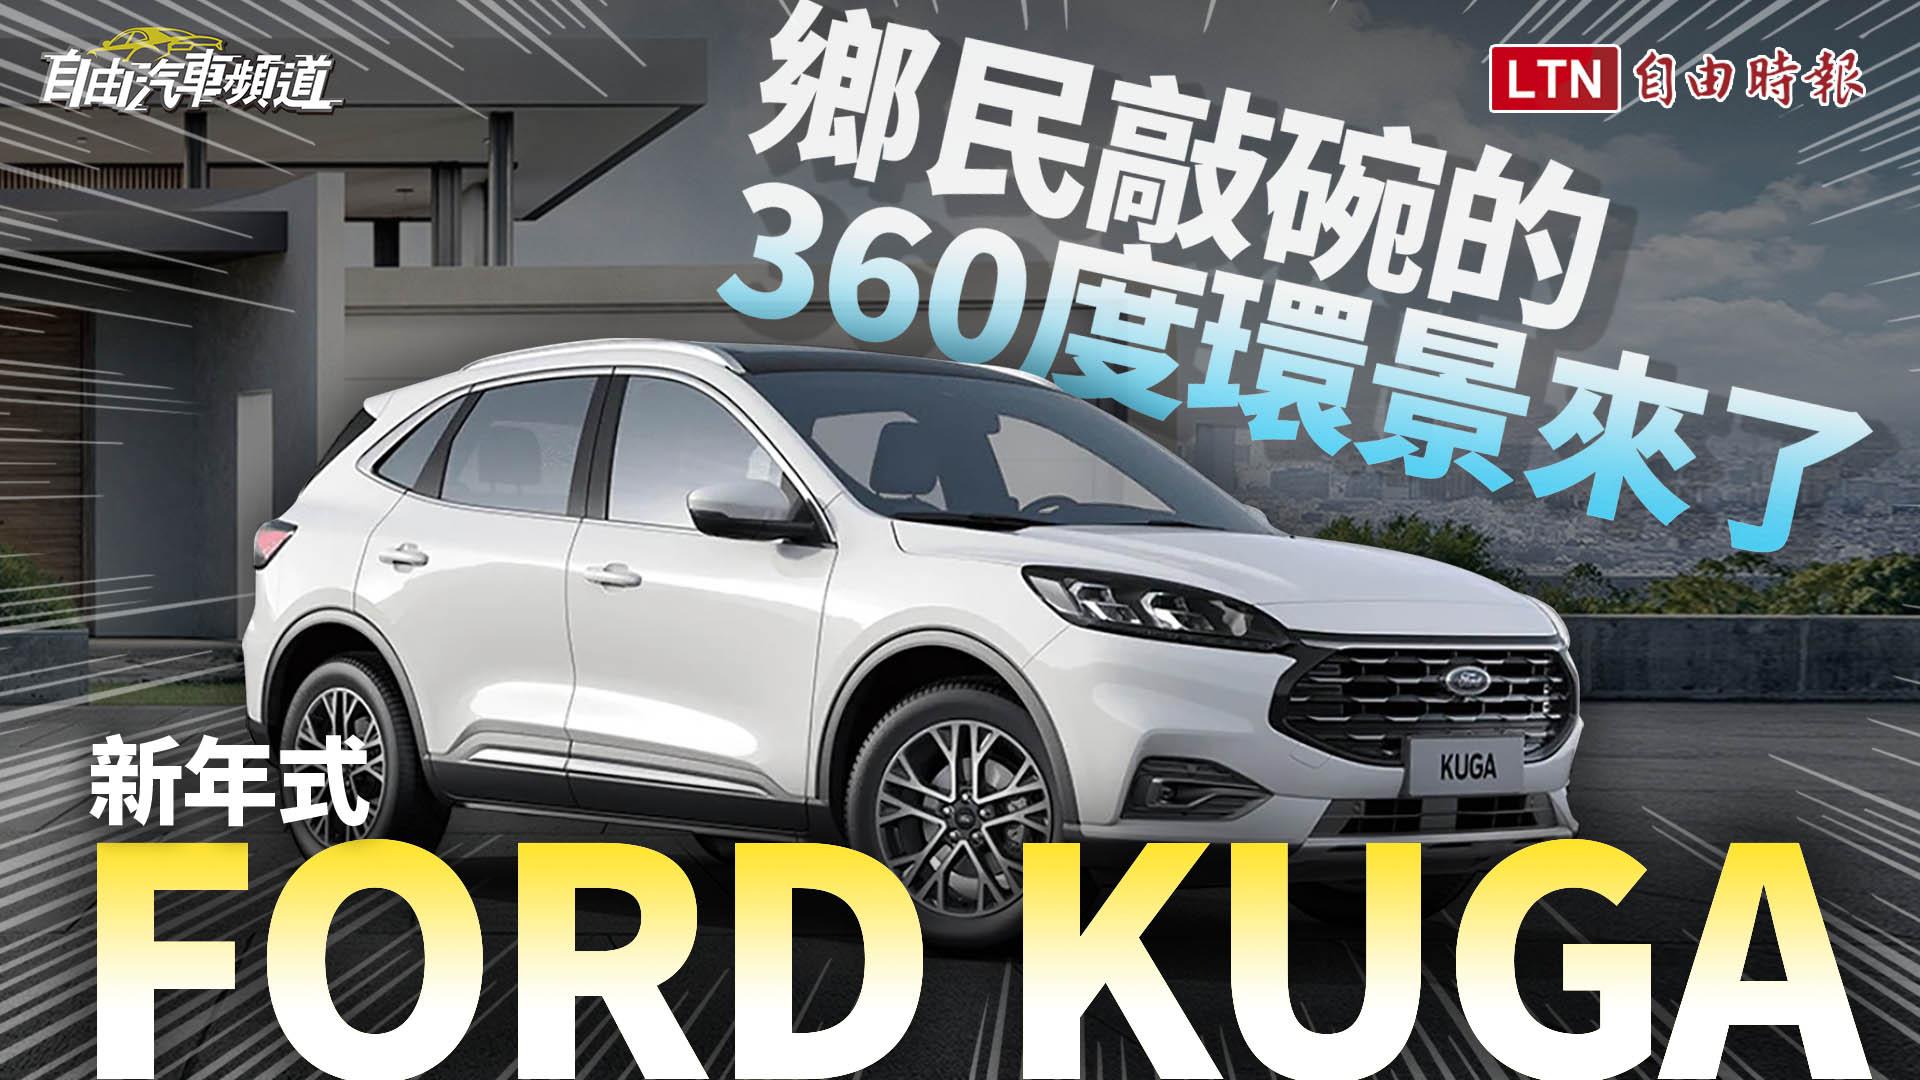 〈影片〉360 度環景、Co-pilot360 升級版好用嗎?新年式 Ford Kuga